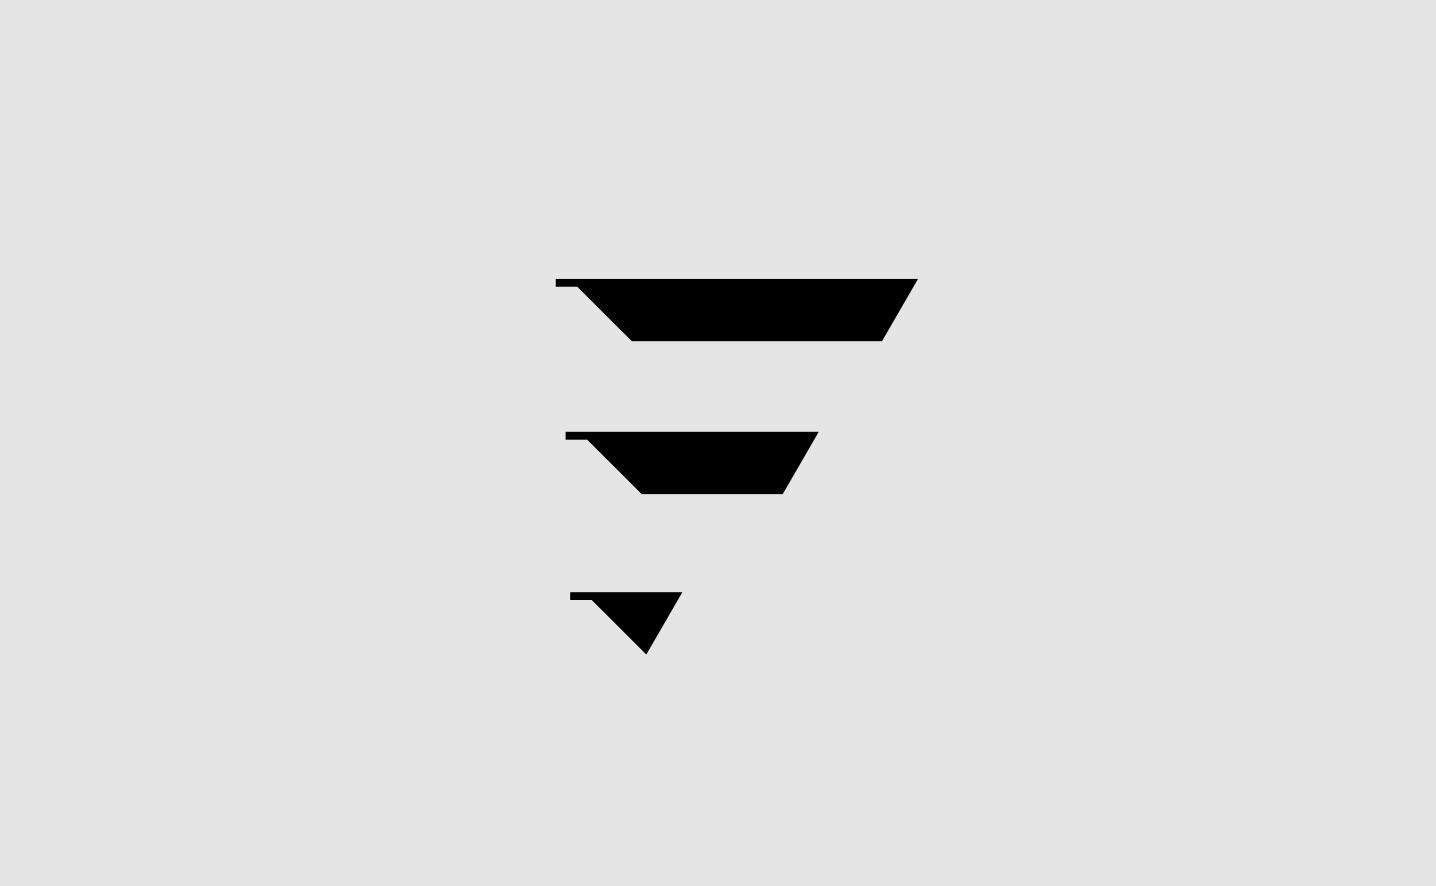 fortu-logo-design-ascend-a